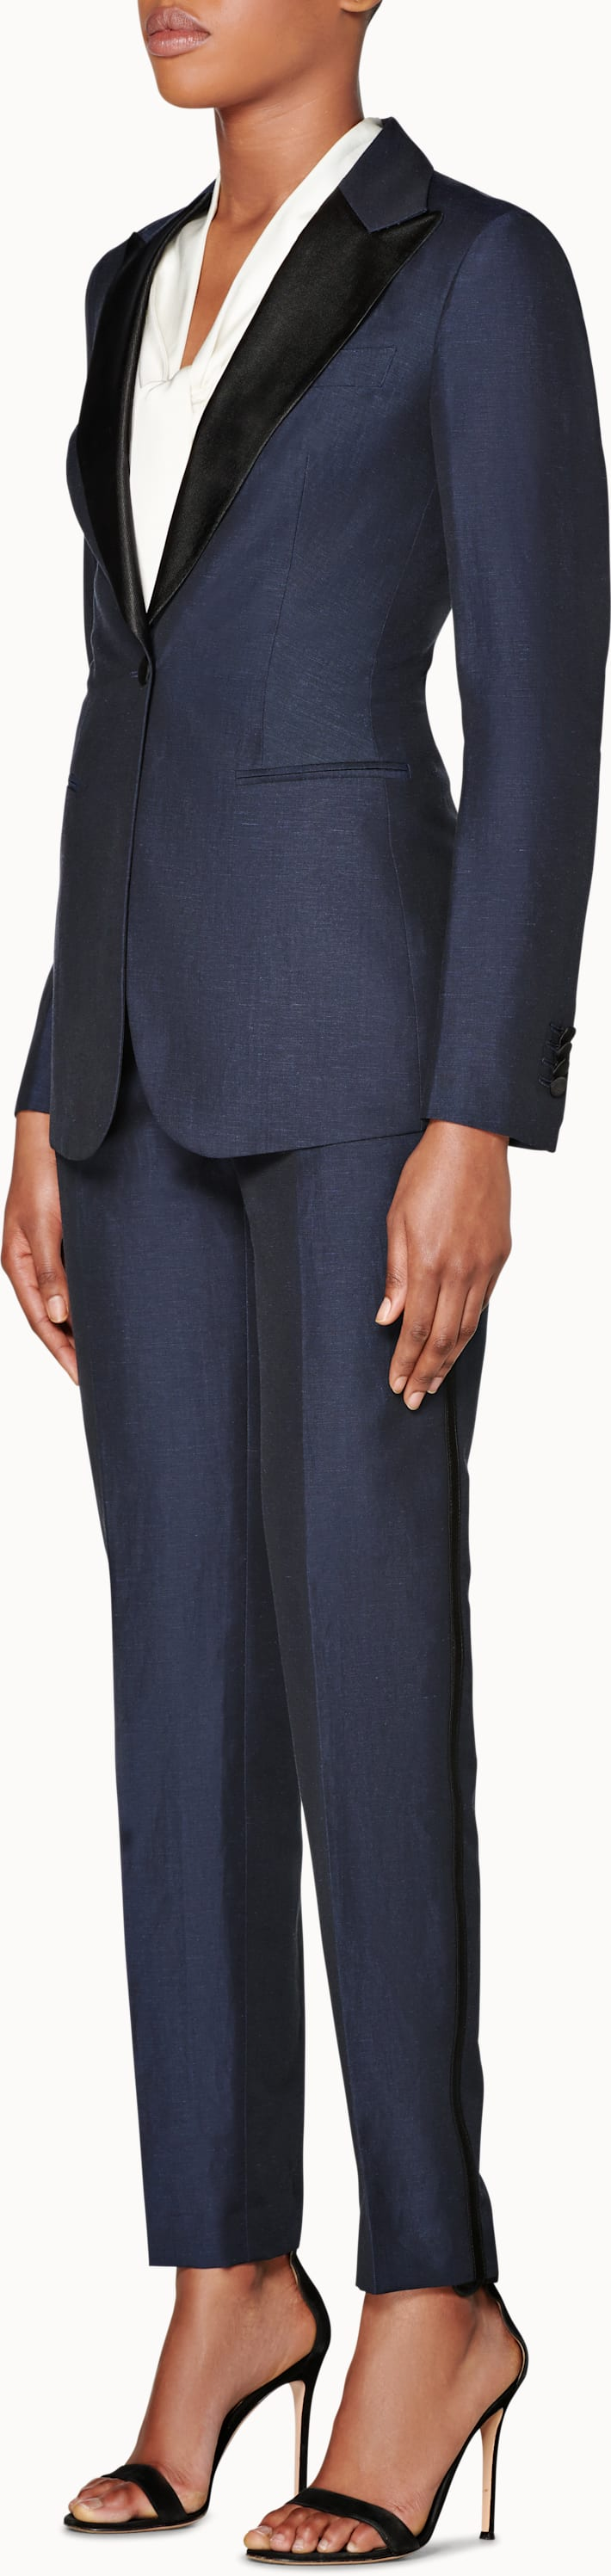 Cameron Navy Tuxedo